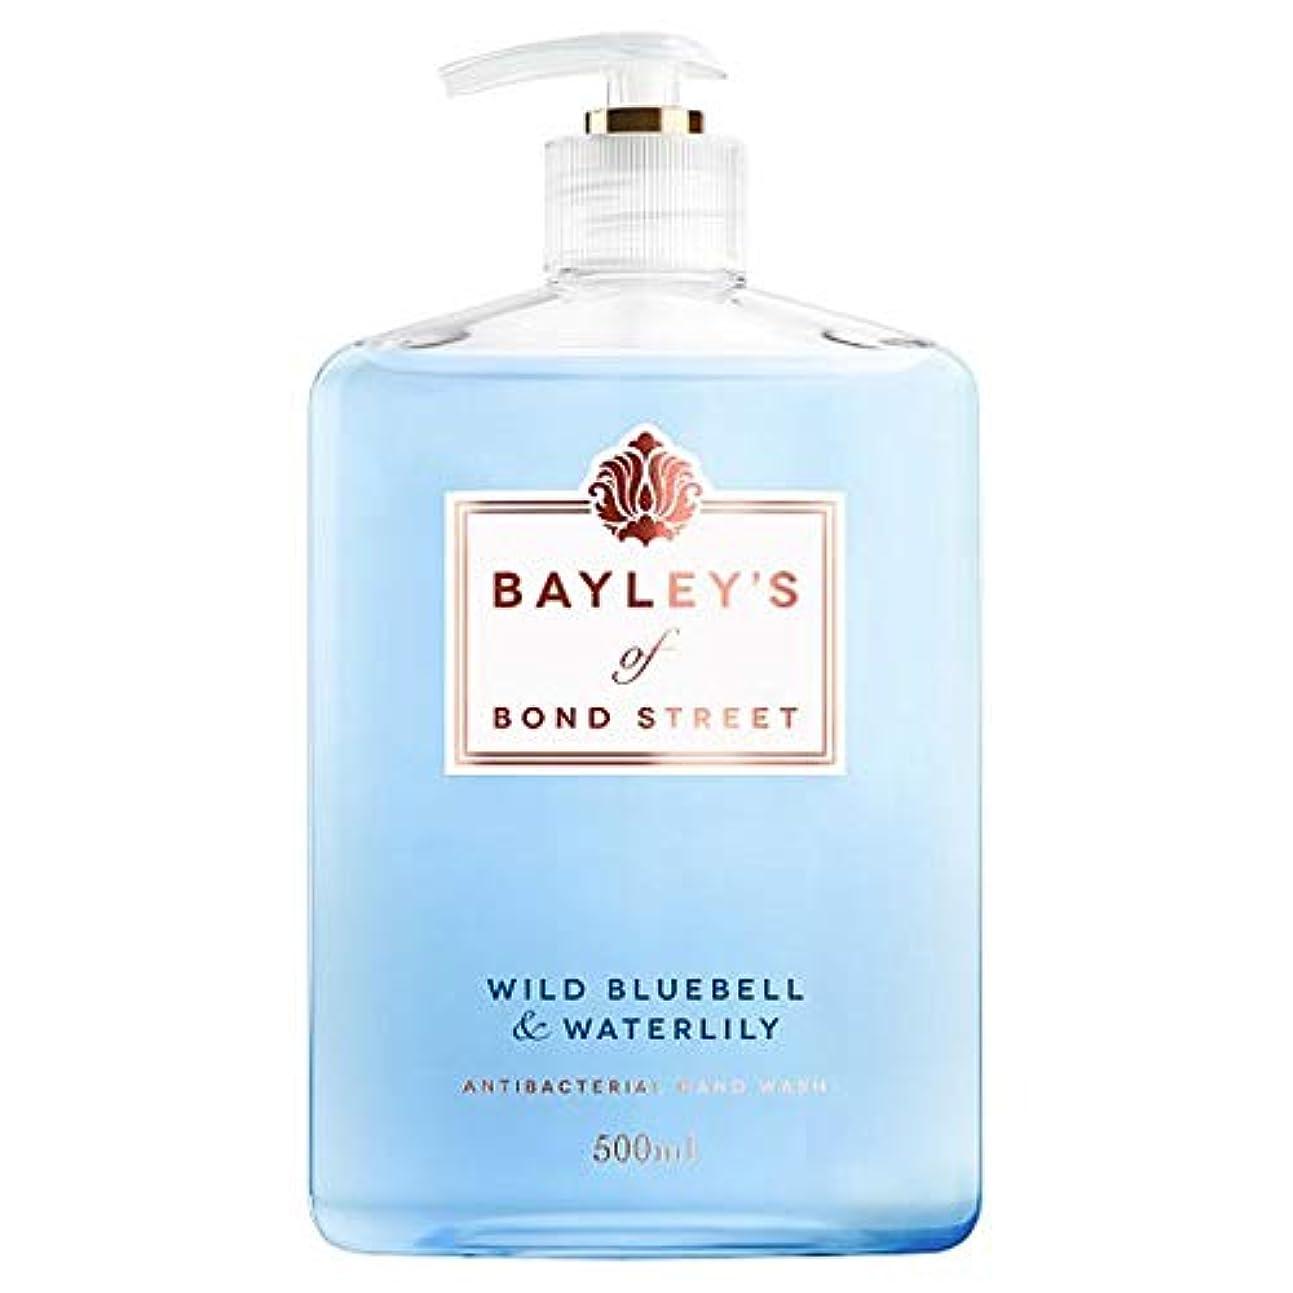 想像力豊かな豚詩人[Pz Cussons] ベイリーのボンドストリートブルーベルの手洗いの500ミリリットルの - Bayley's Of Bond Street Bluebell Handwash 500Ml [並行輸入品]